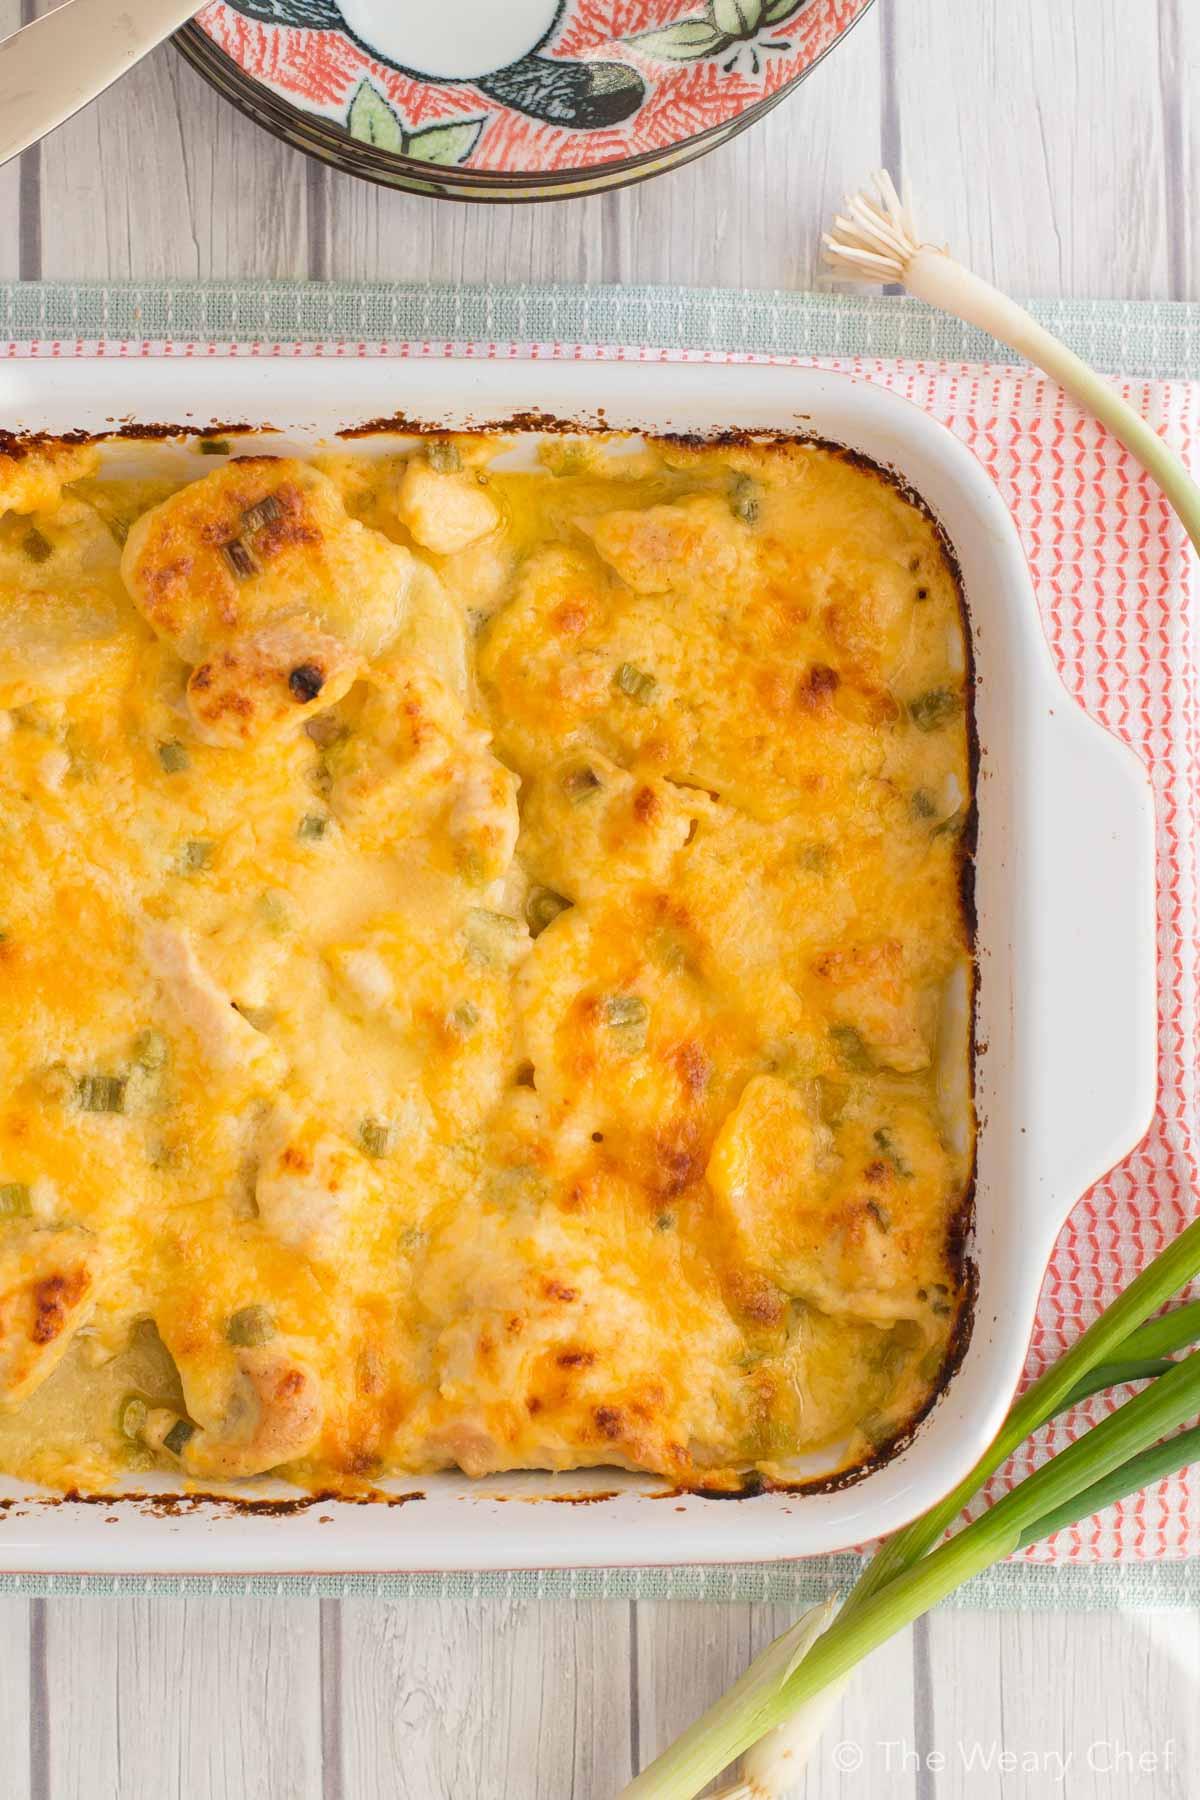 Scalloped Potatoes Recipe  Main Dish Cheesy Scalloped Potatoes Recipe with Chicken